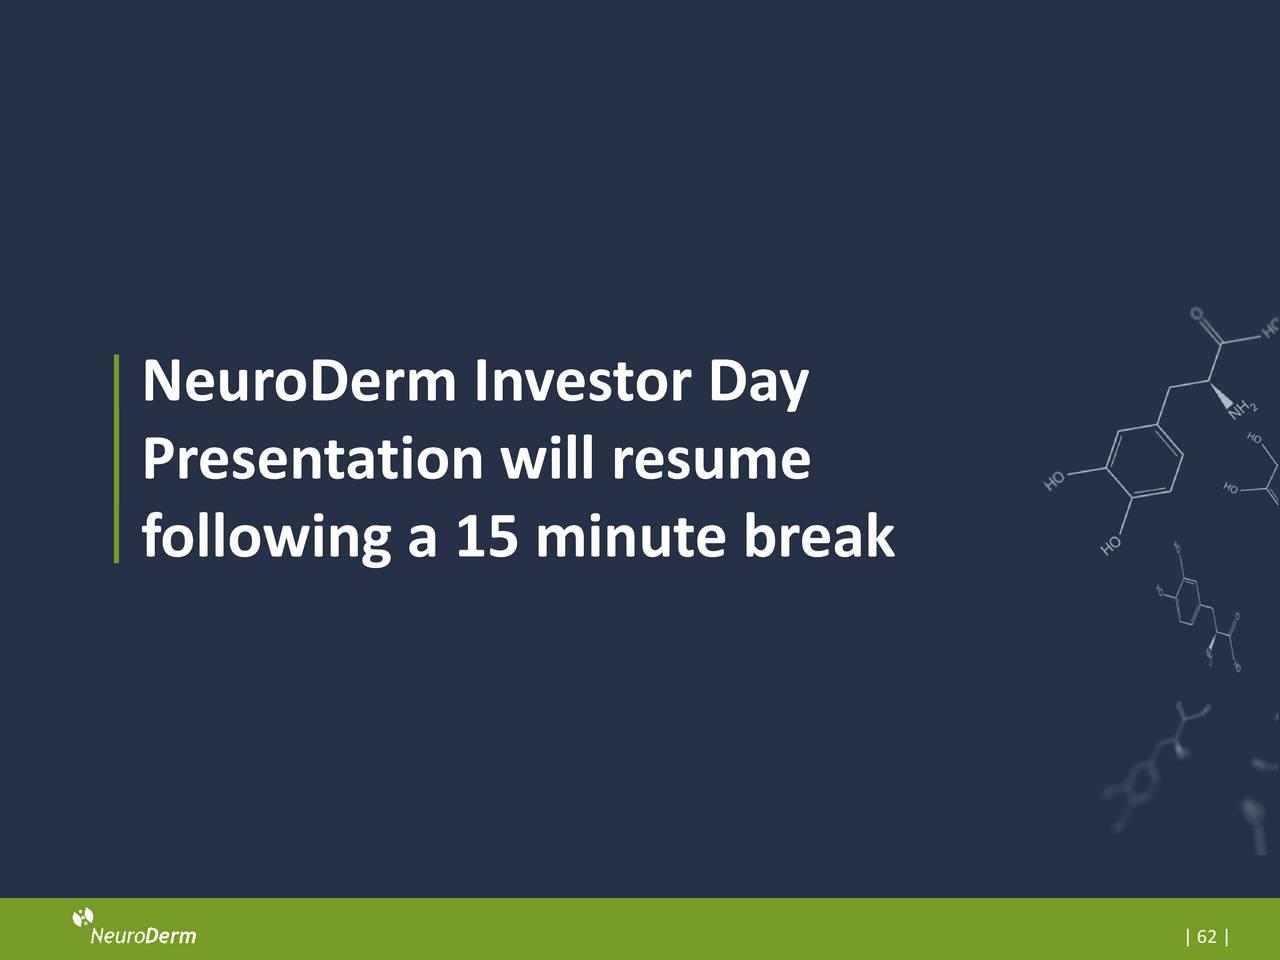 neuroderm  ndrm  investor presentation